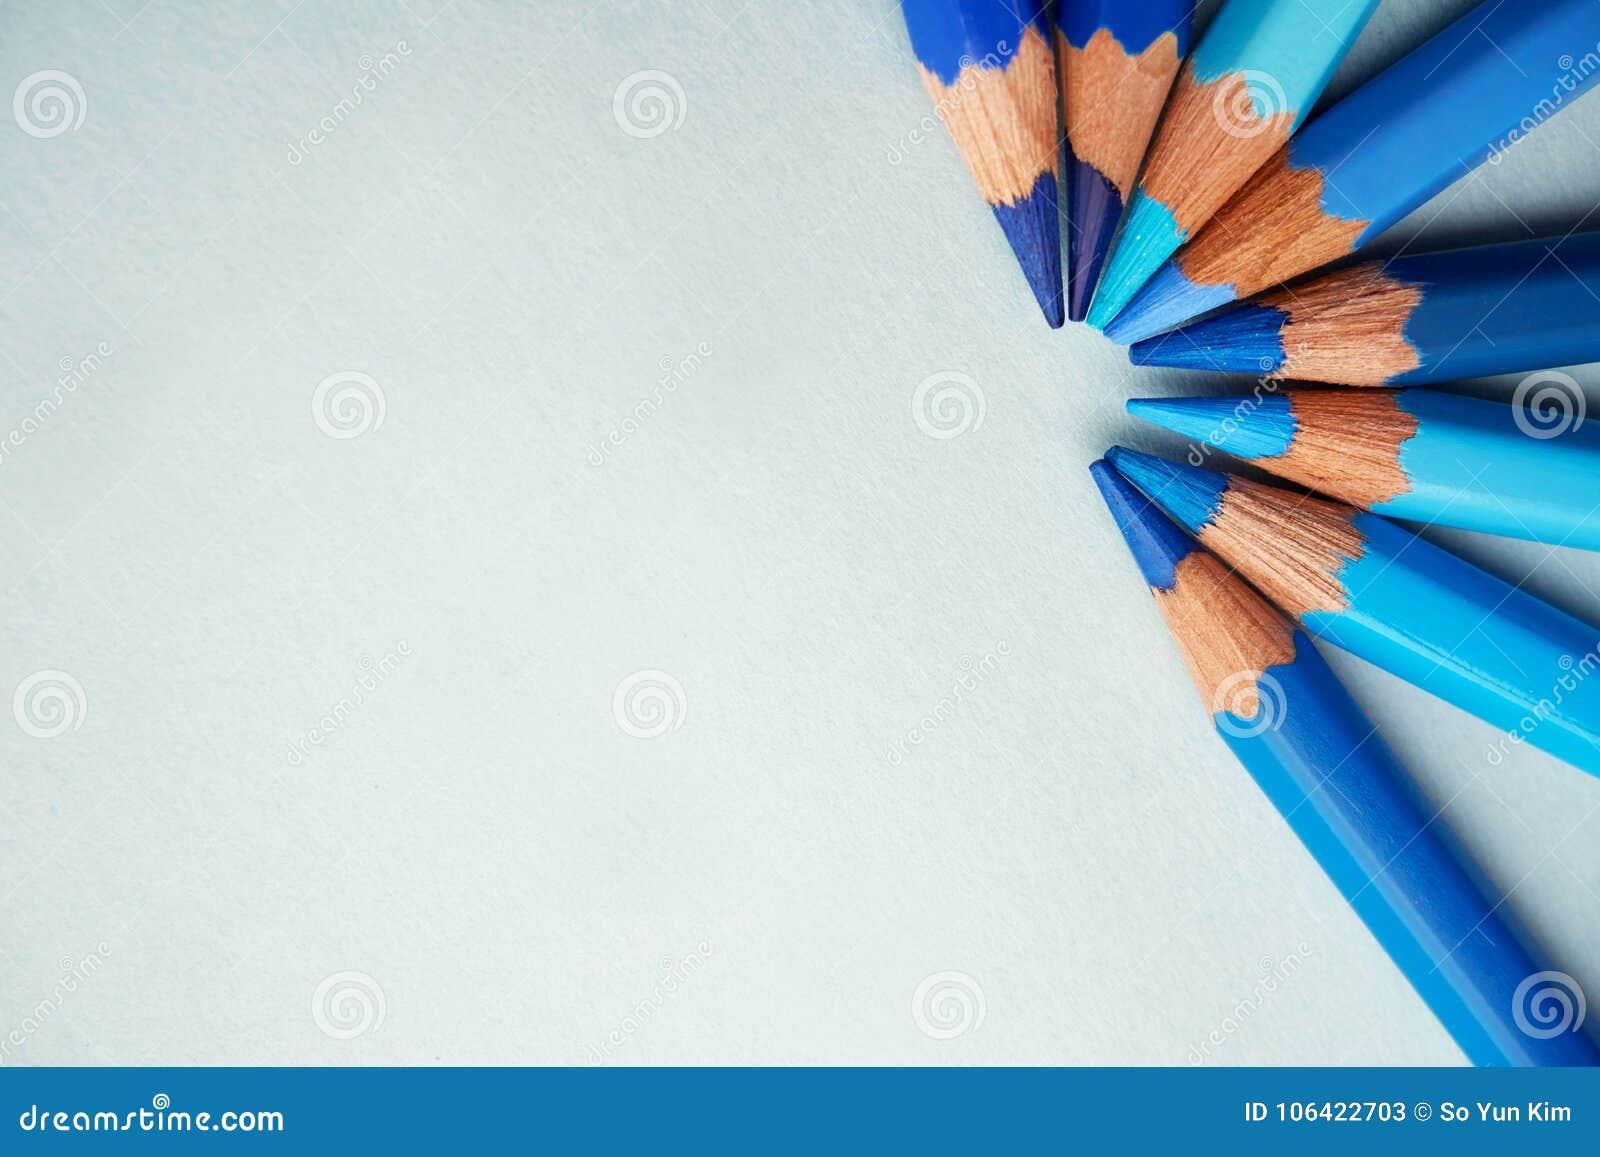 Blau farbige Bleistifte auf einem blauen Hintergrund